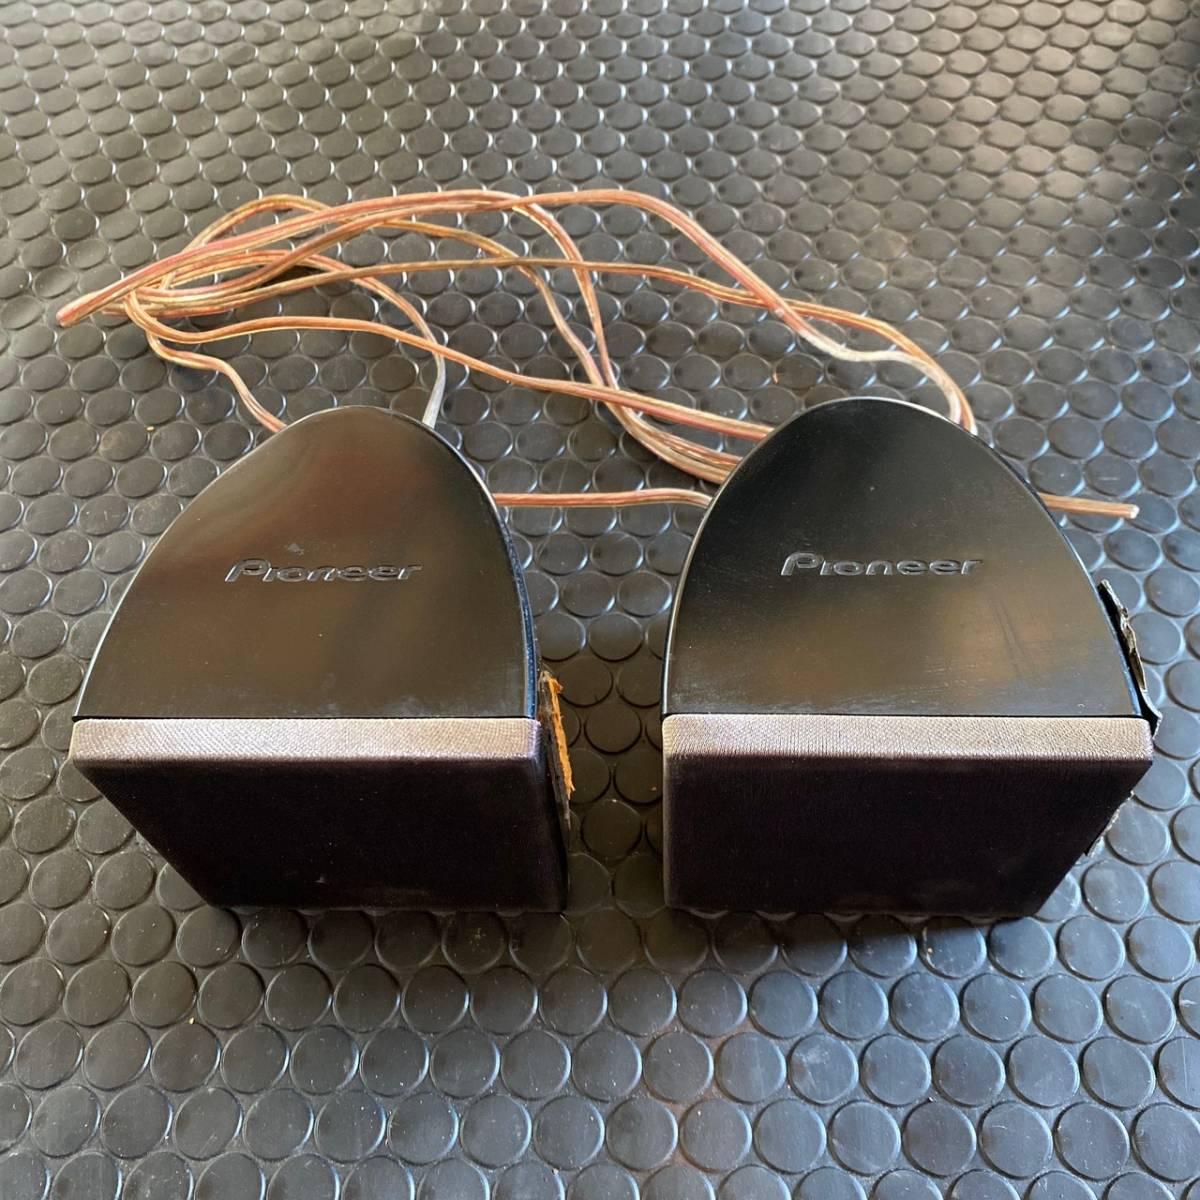 パイオニア S-DV373 サテライトスピーカー ジャンク 動作未確認 2個セット AE089_画像1